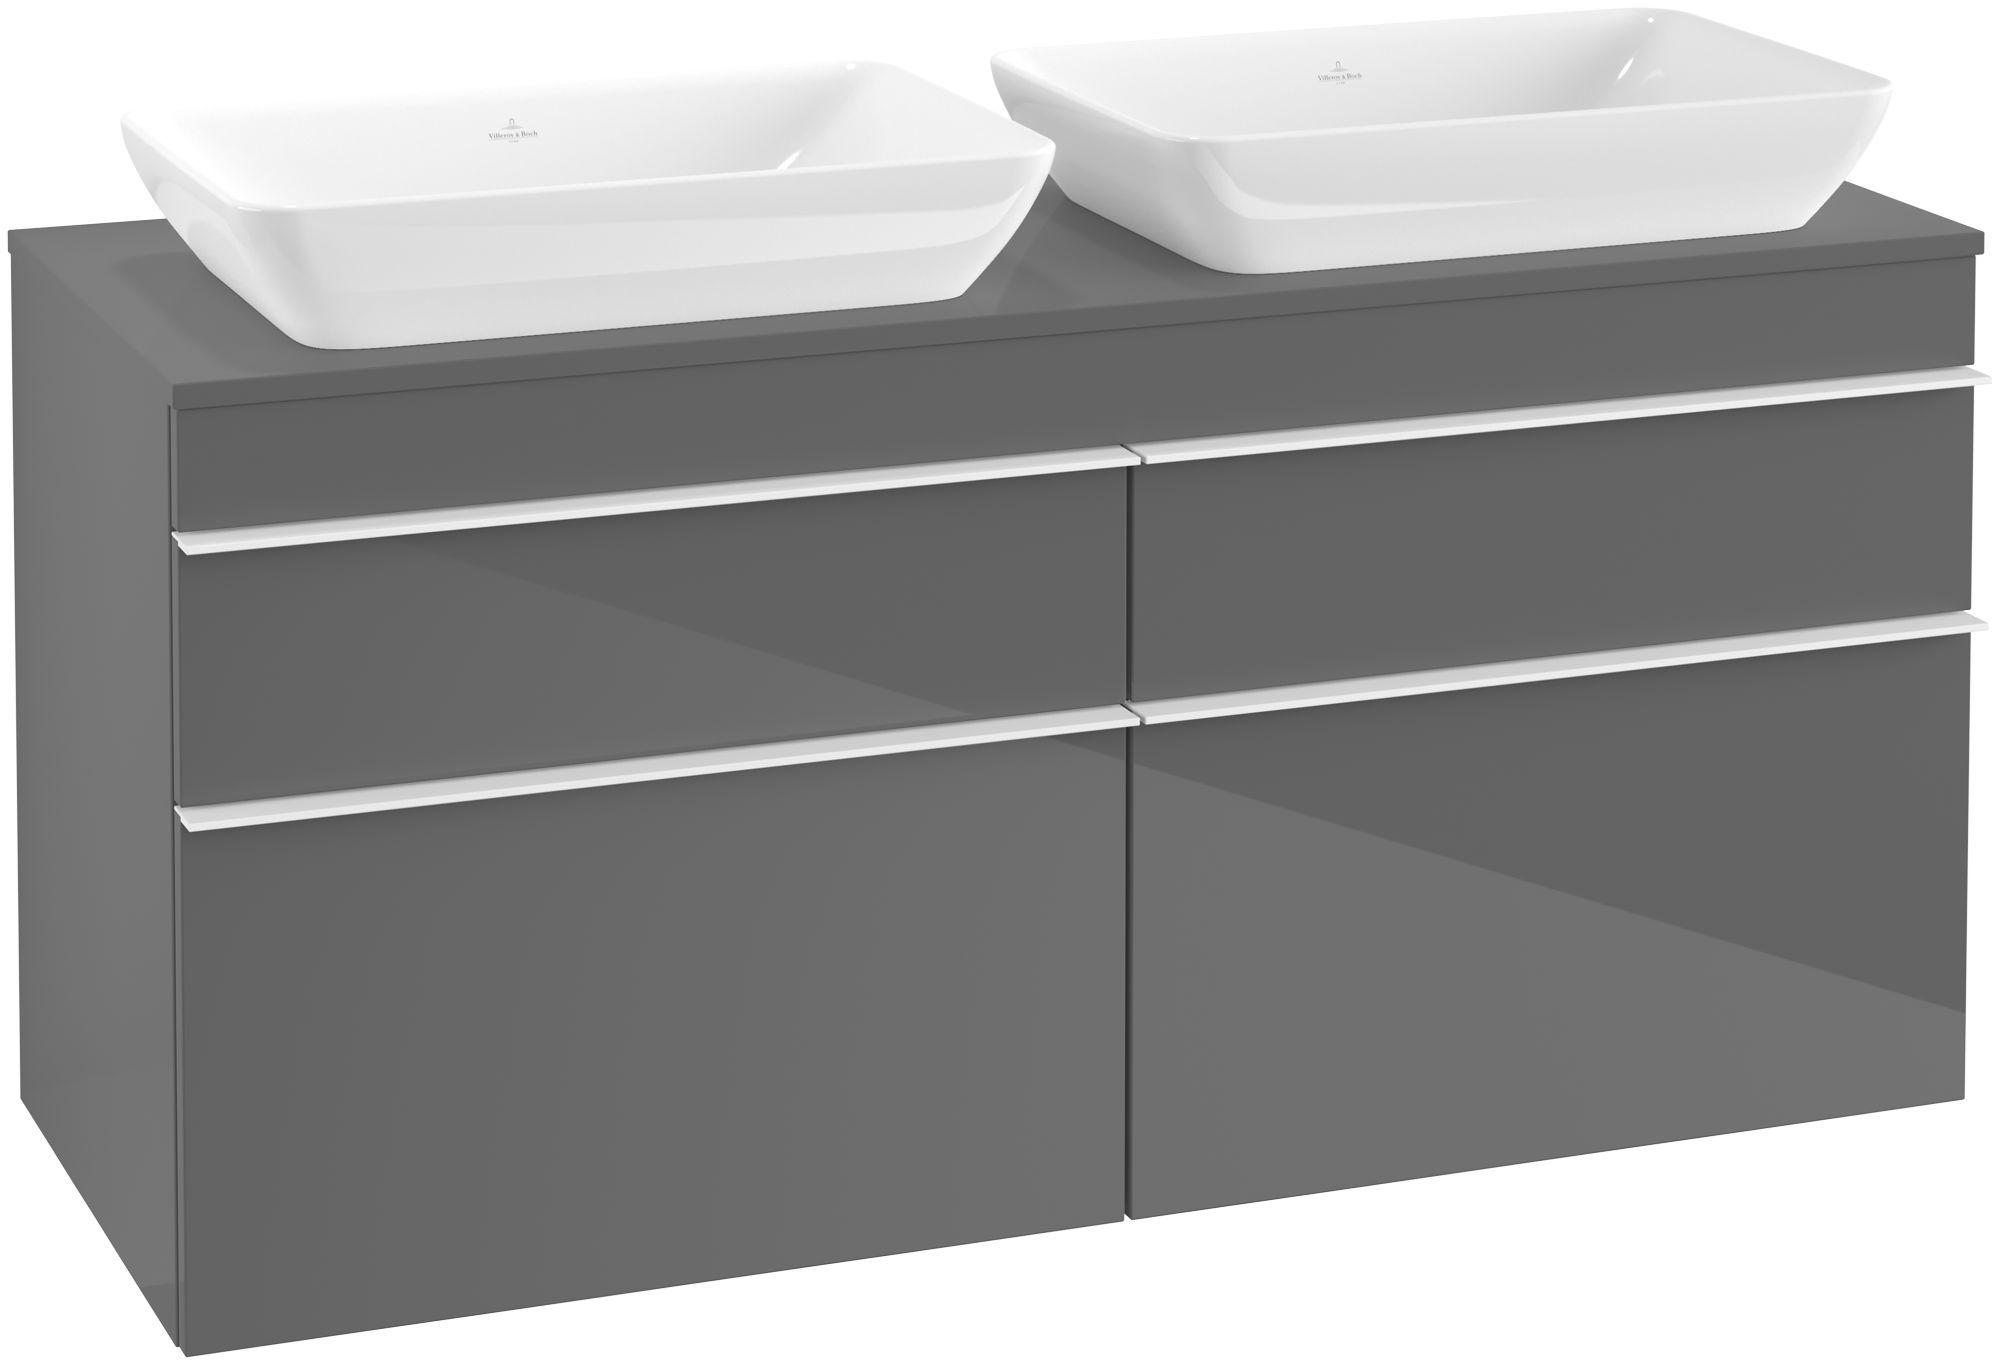 Villeroy & Boch Venticello Waschtischunterschrank 4 Auszüge B:1257xT:502xH:606mm glossy grey Griffe weiß A94402FP